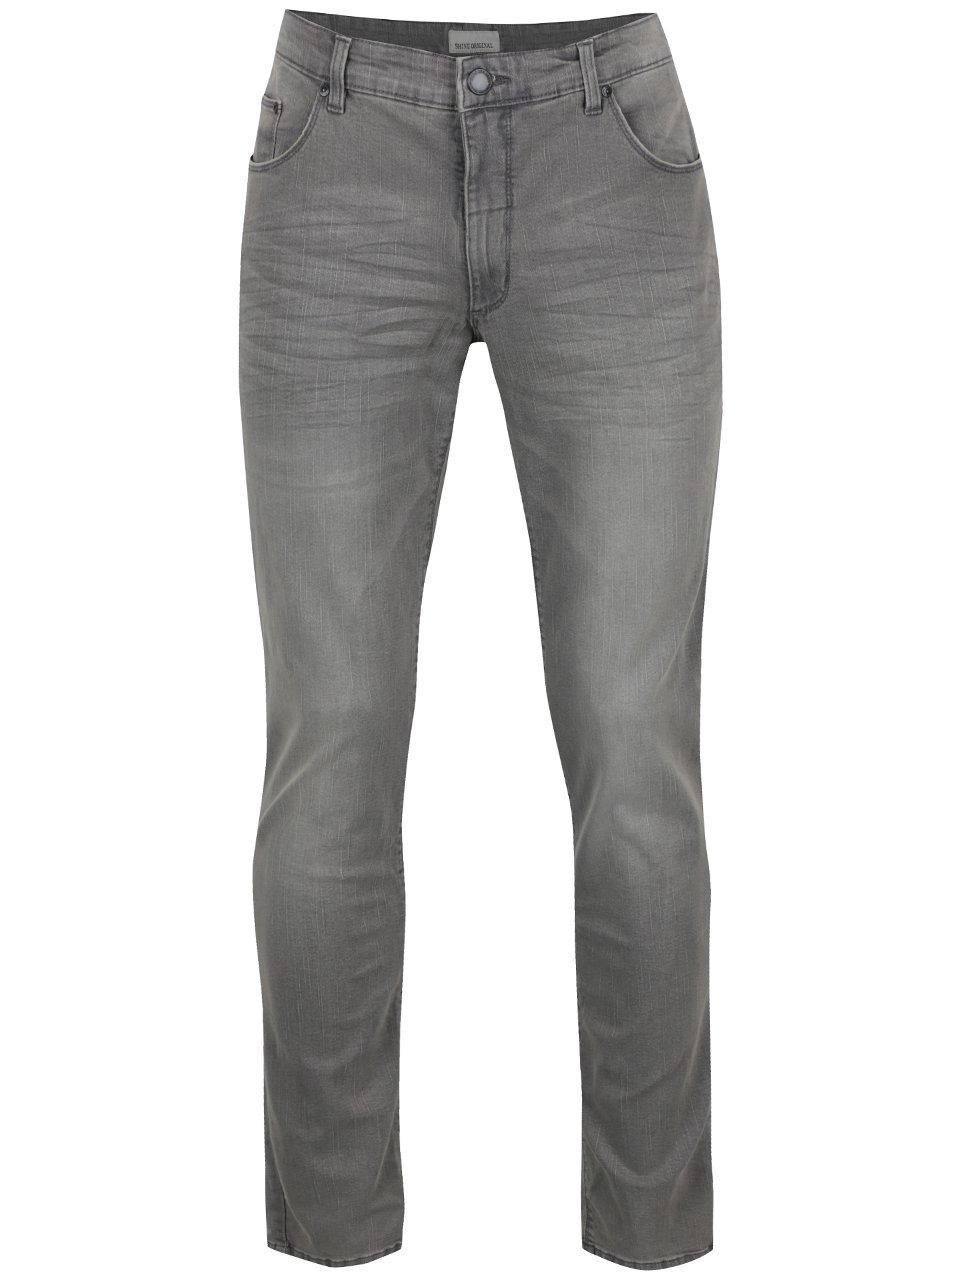 Šedé džíny s vyšisovaným efektem Shine Original